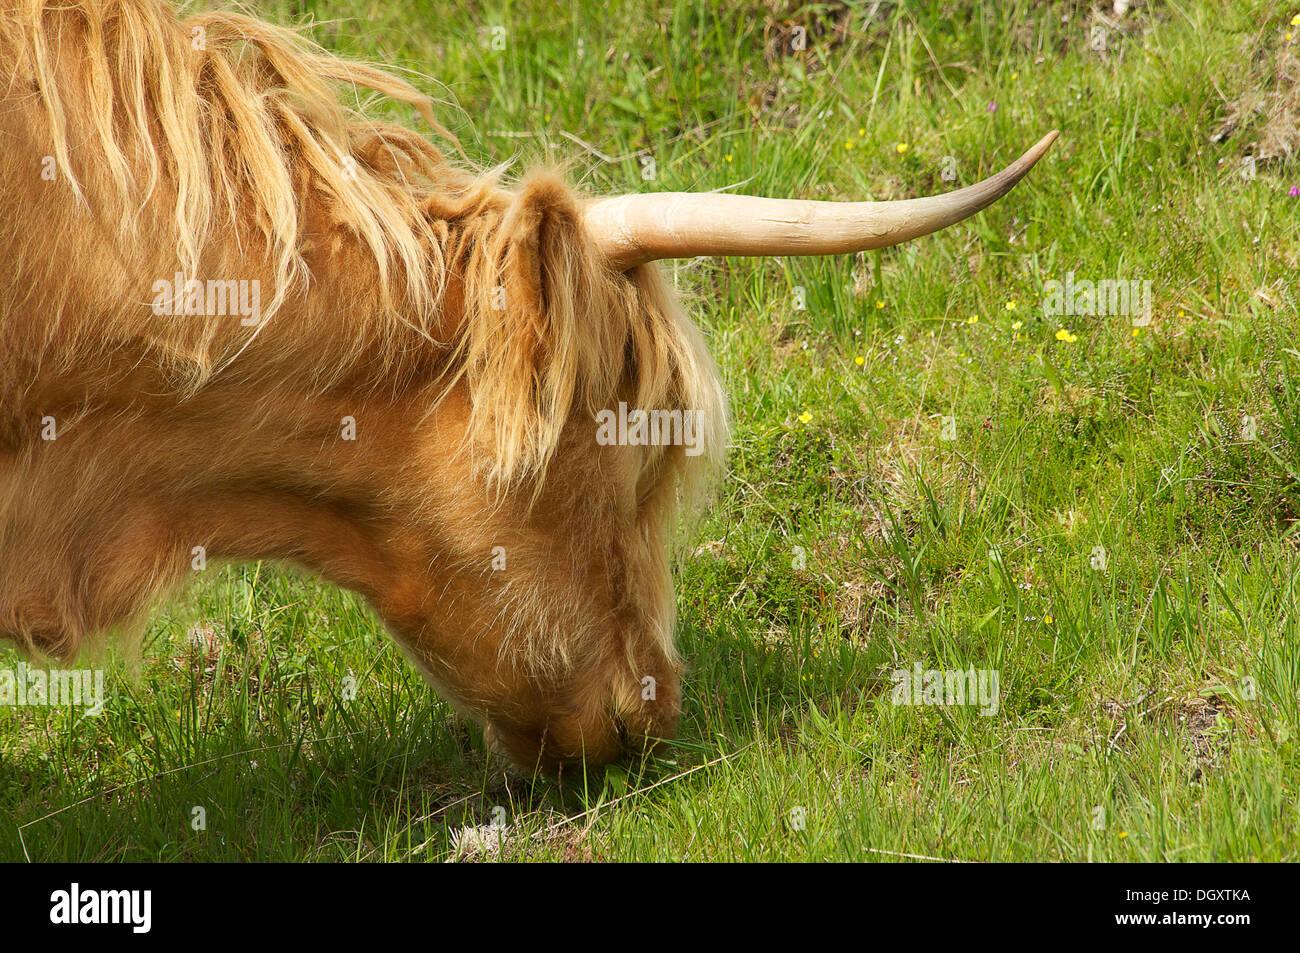 Vaca típica de Escocia - Stock Image